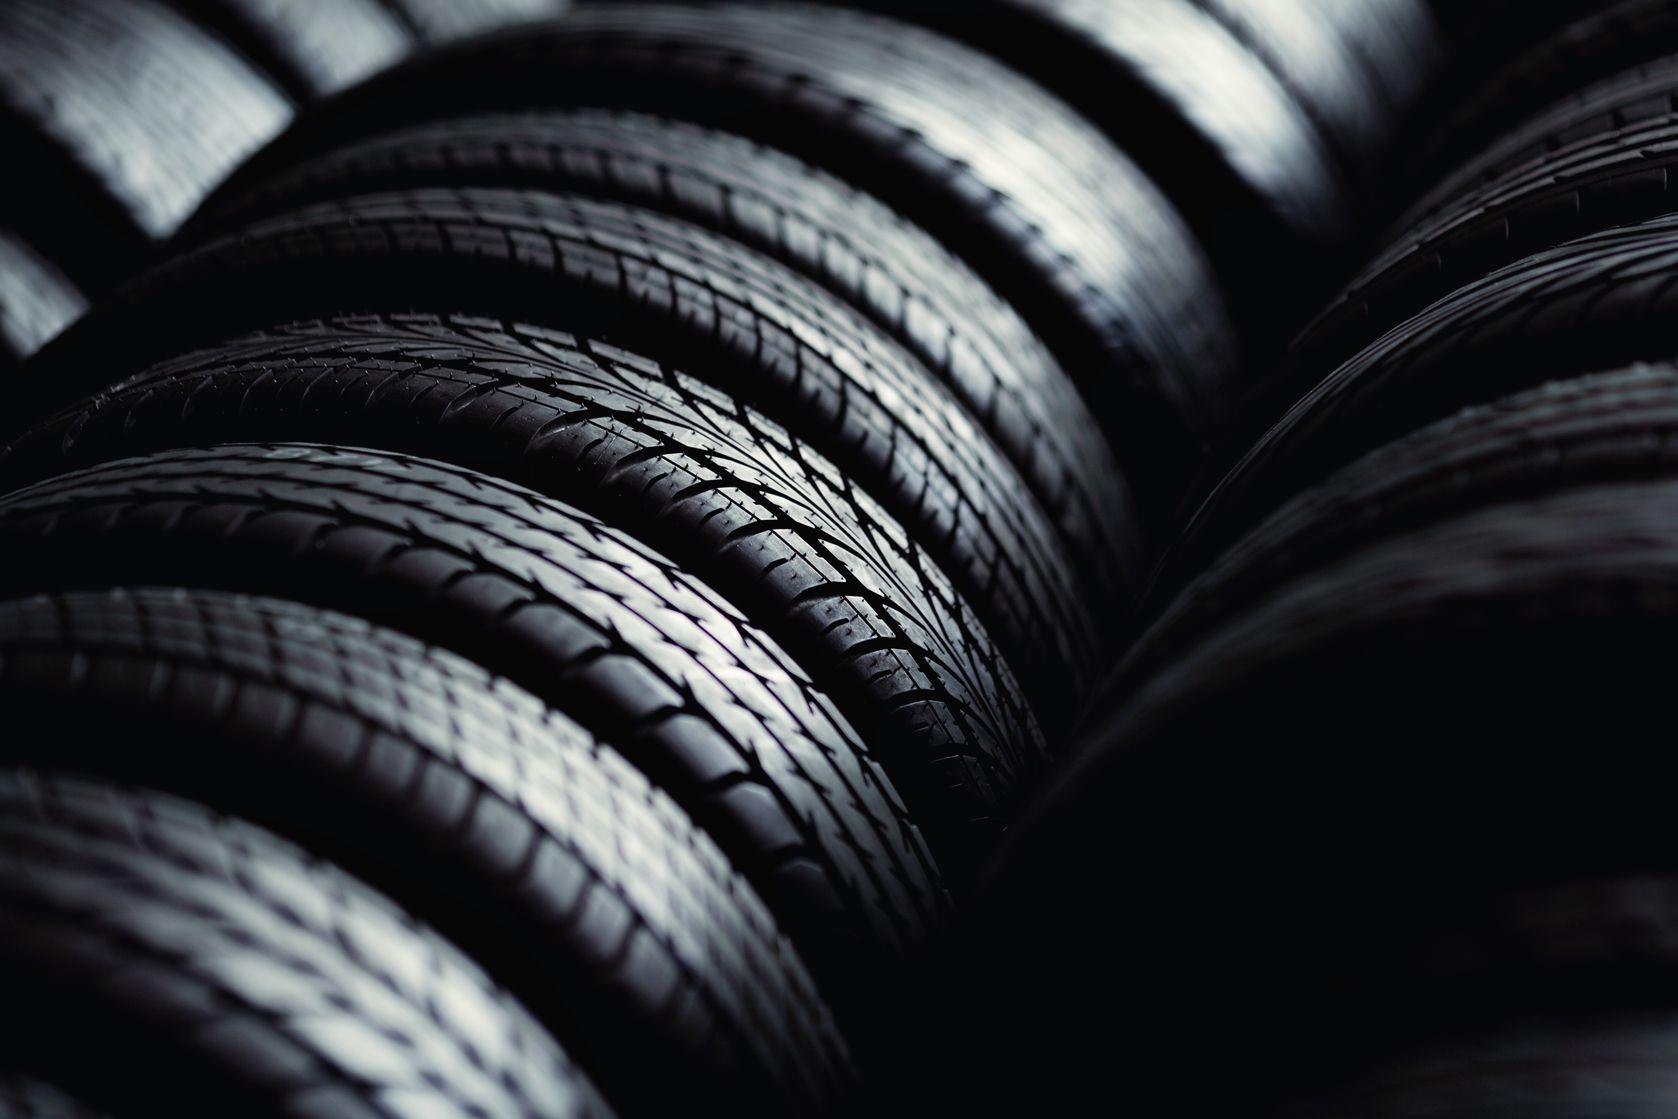 Tires-Chapel-Hill-NC